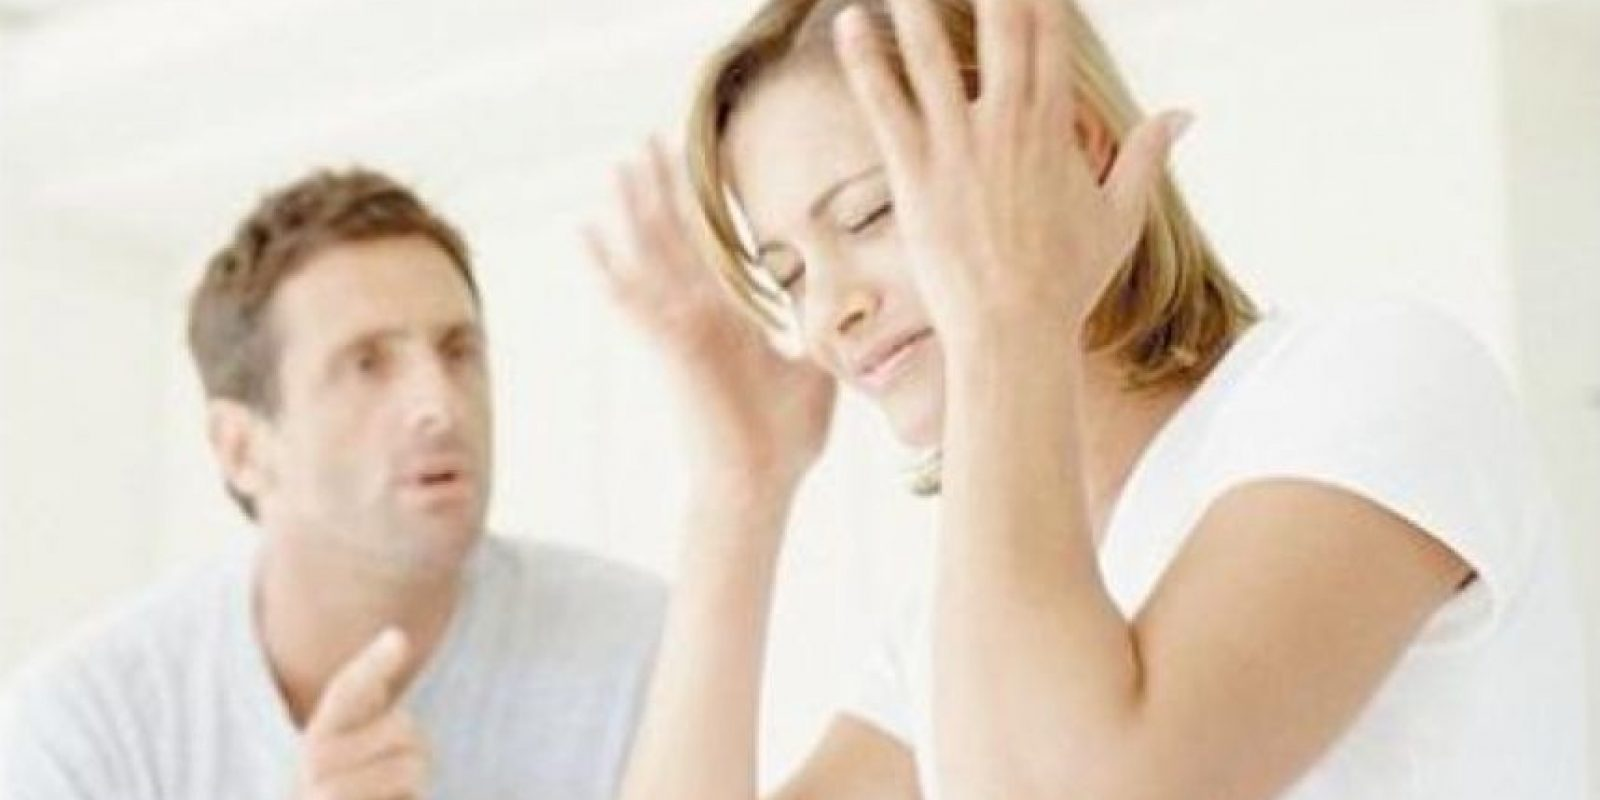 Está al pendiente de todos los chismes familiares, del trabajo y de los vecinos. Al principio un hombre puede engancharse por las anécdotas que le cuente. Sin embargo, luego comenzará a preguntarse lo que ella está diciendo a sus espaldas. Foto:Tumblr/Tagged-pareja